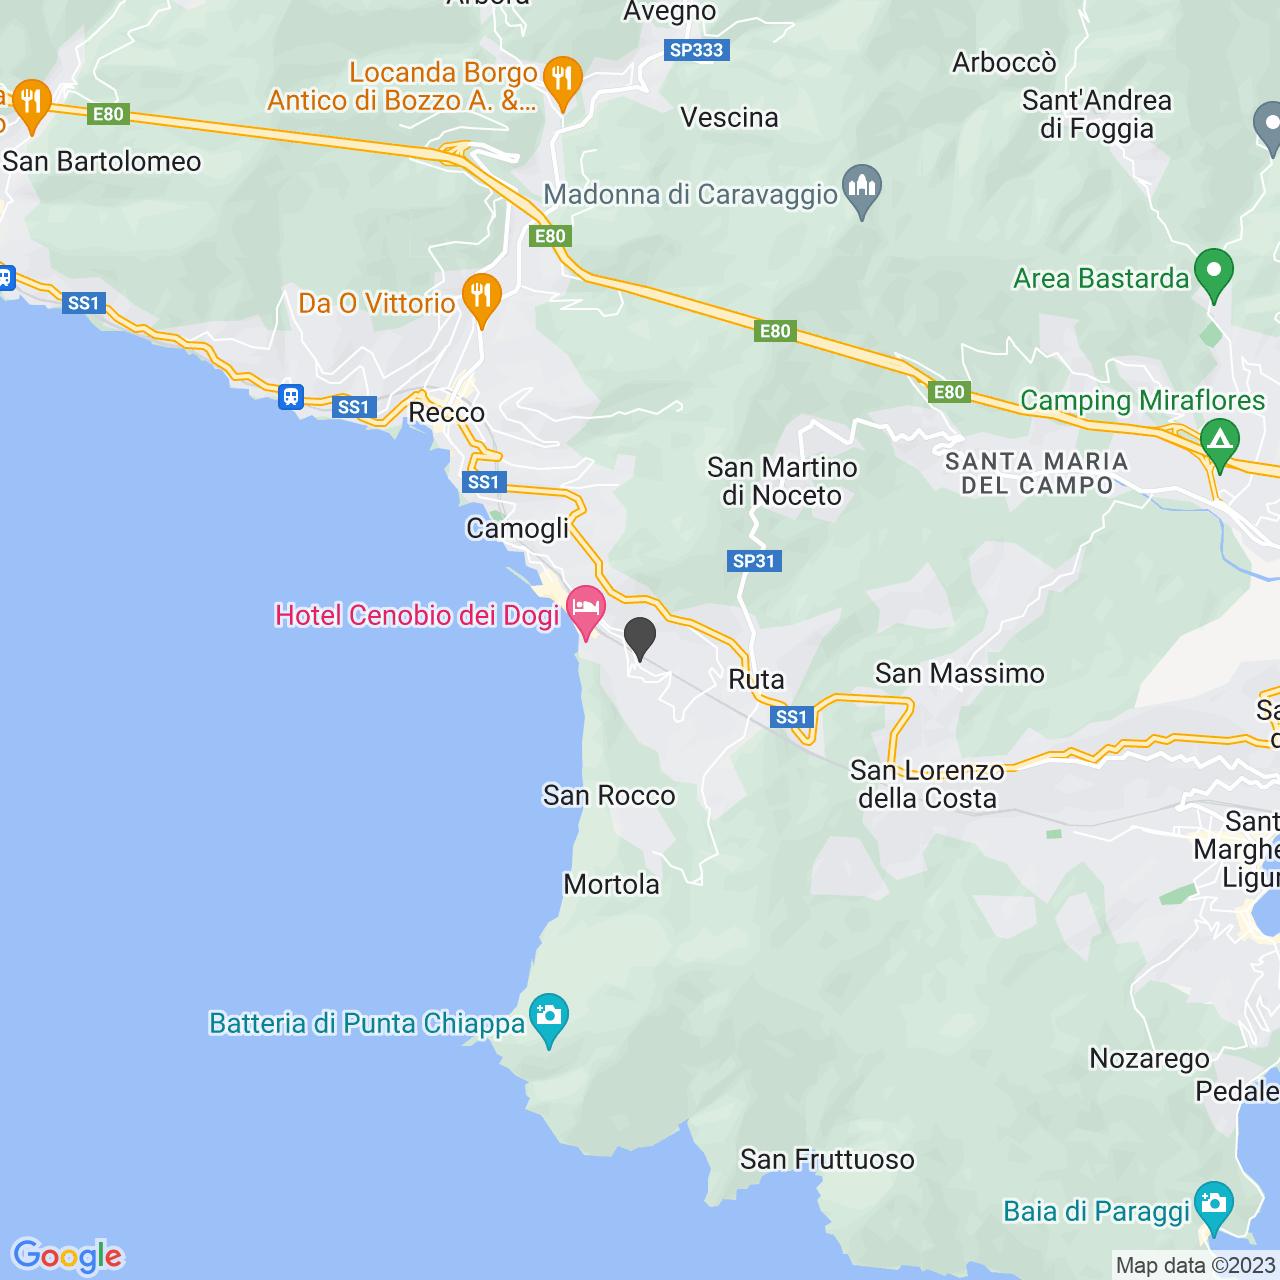 Santuario di Nostra Signora del Boschetto in Camogli